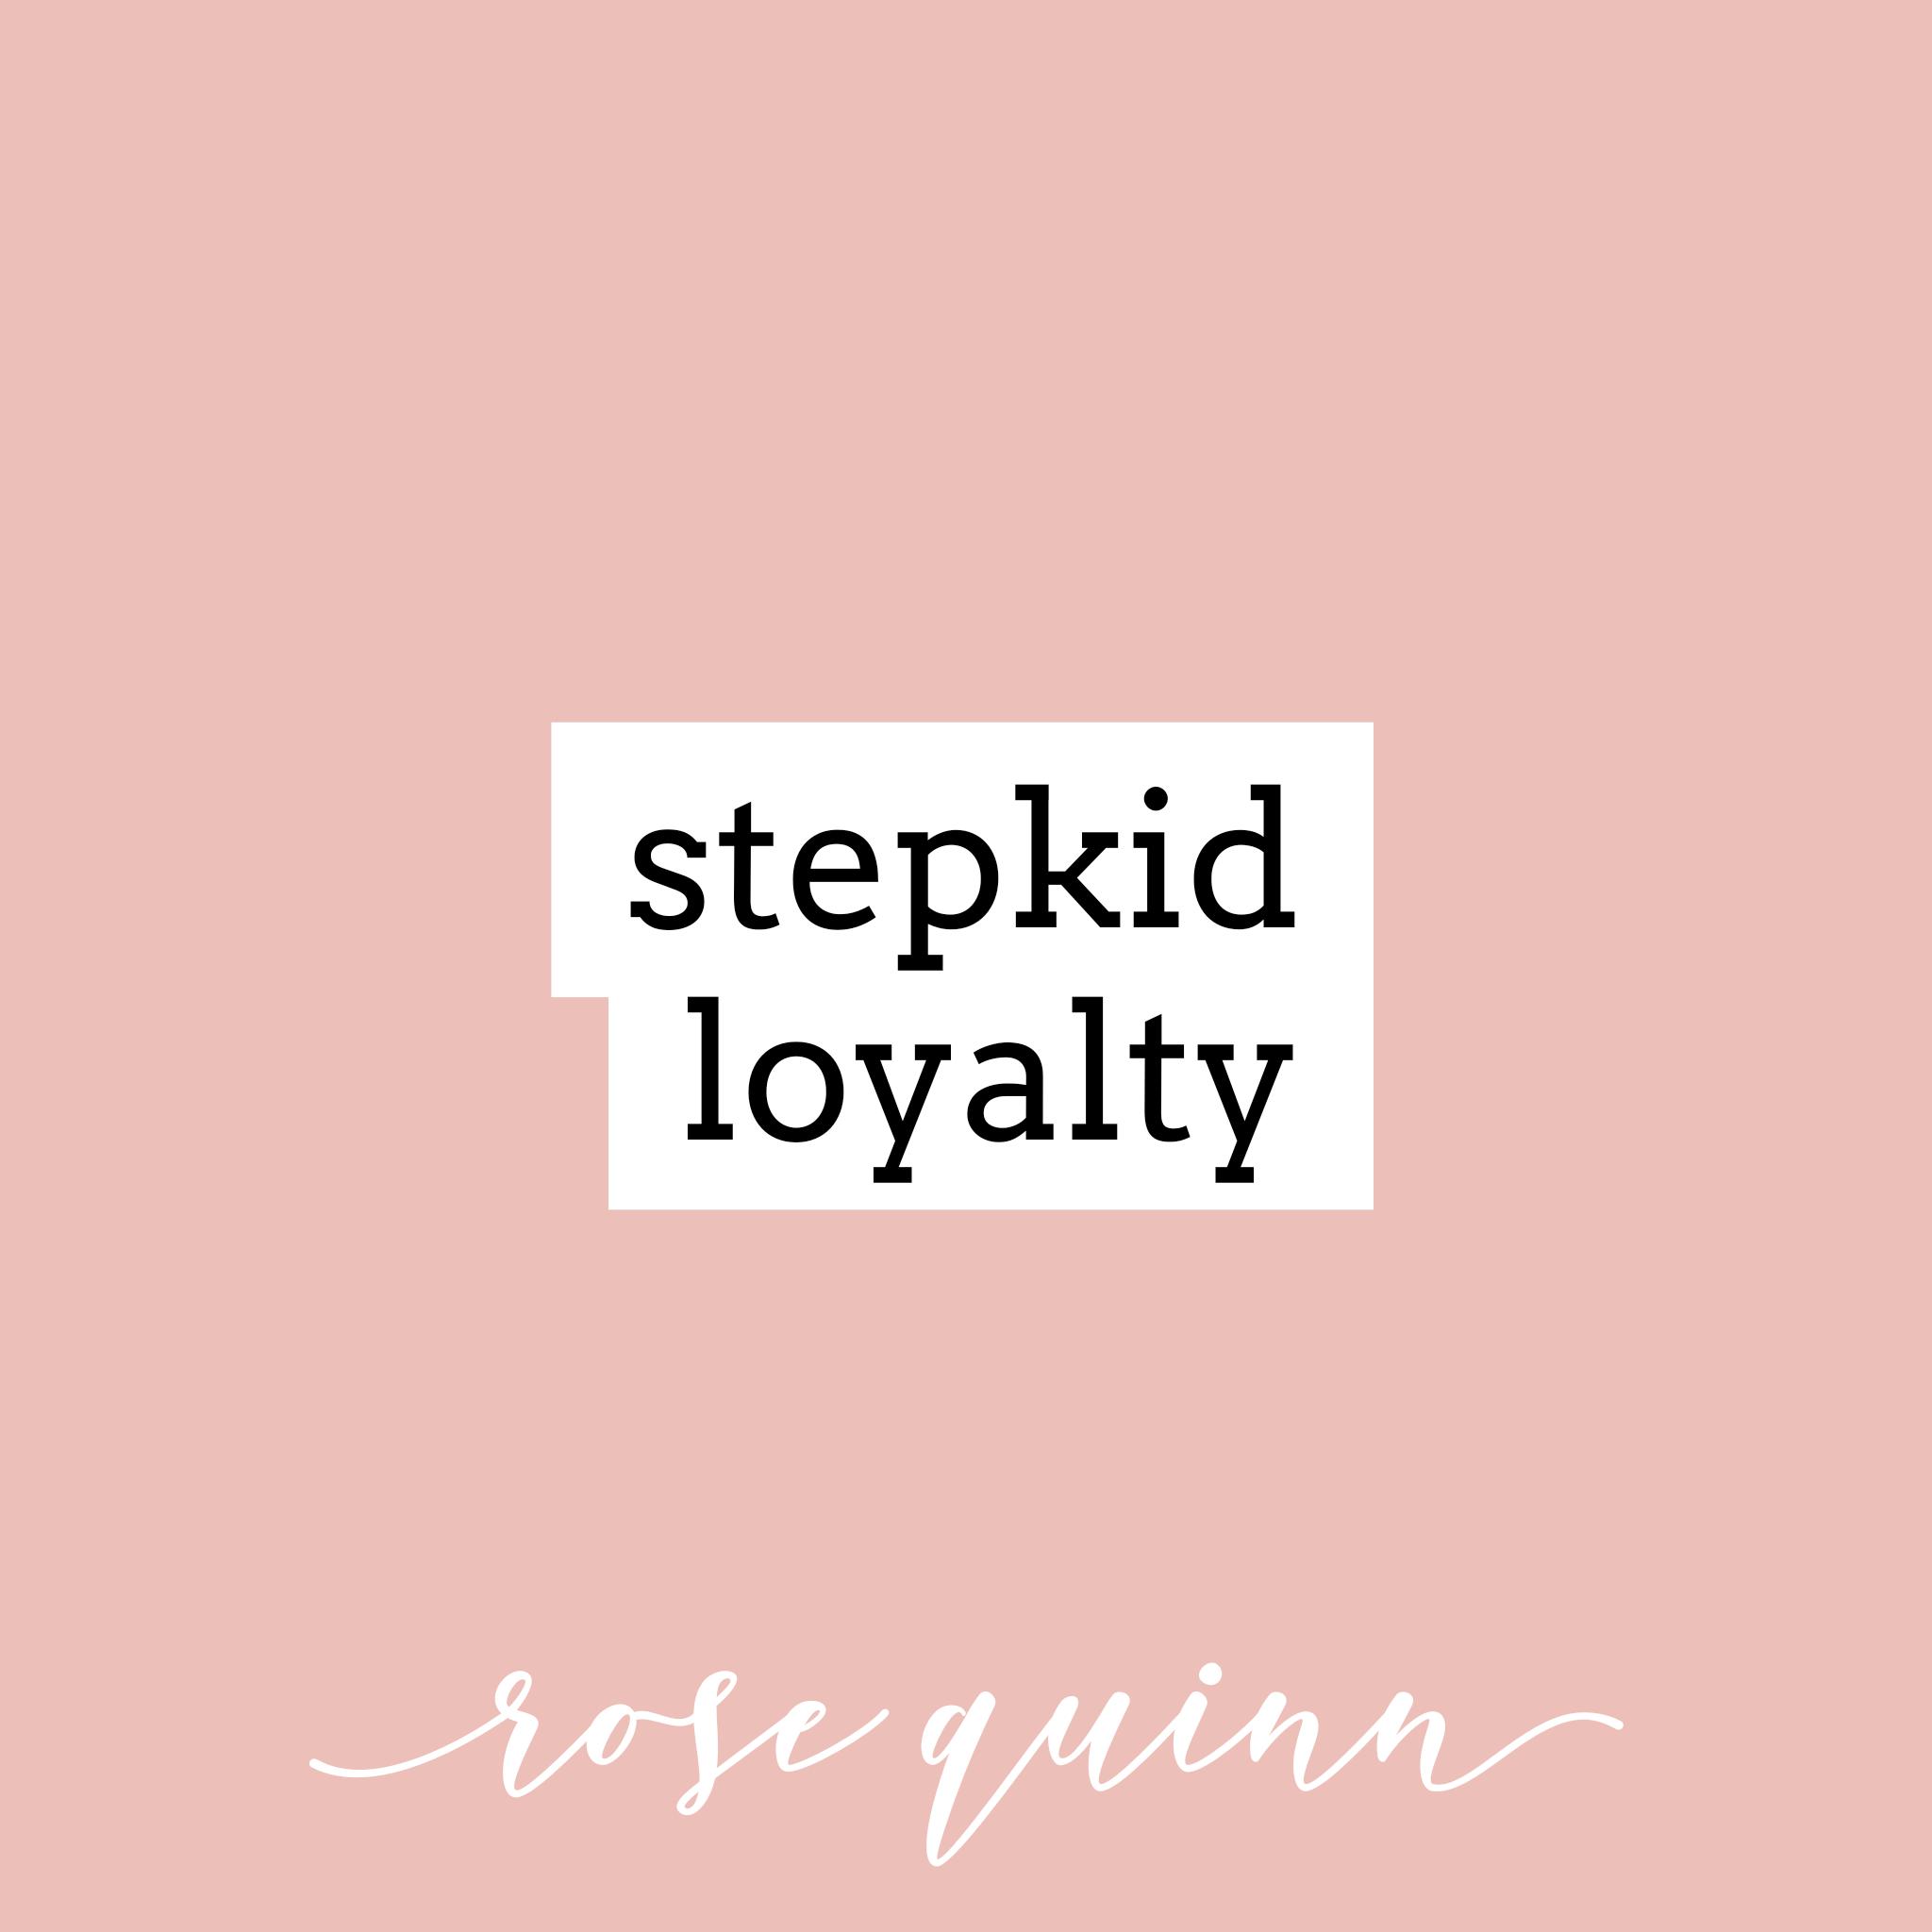 step-kid-loyalty